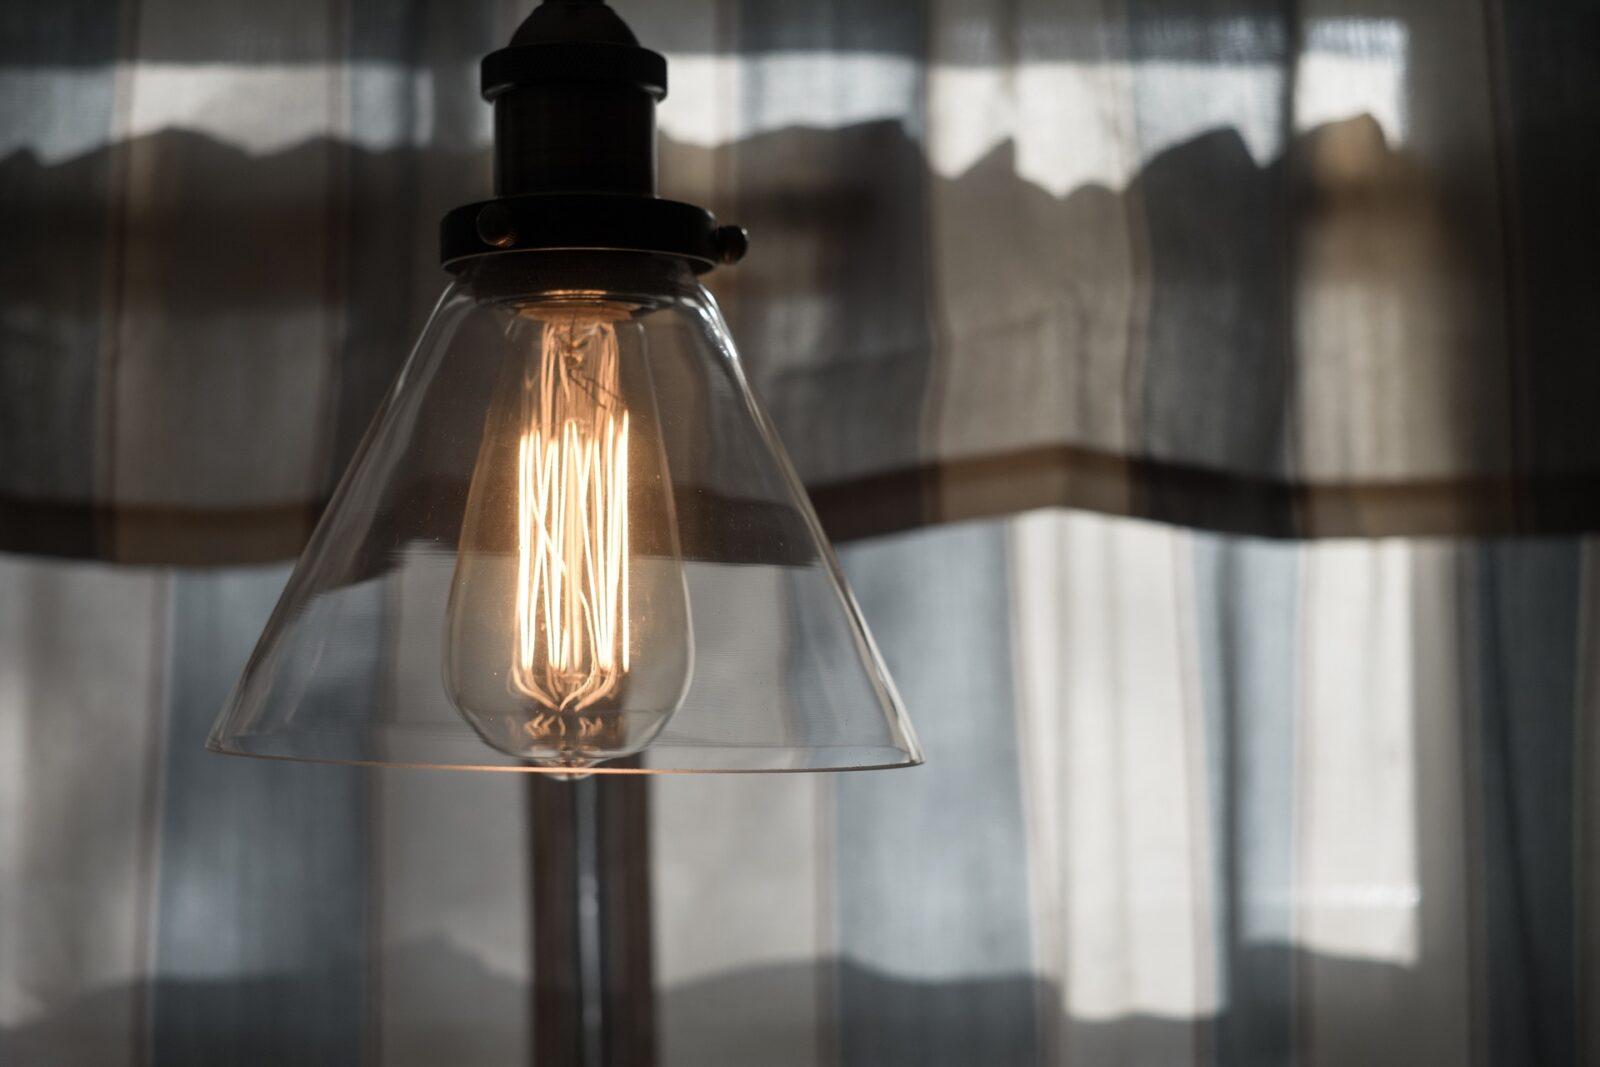 Президент поручил не повышать тарифы на электроэнергию в ближайшие два года